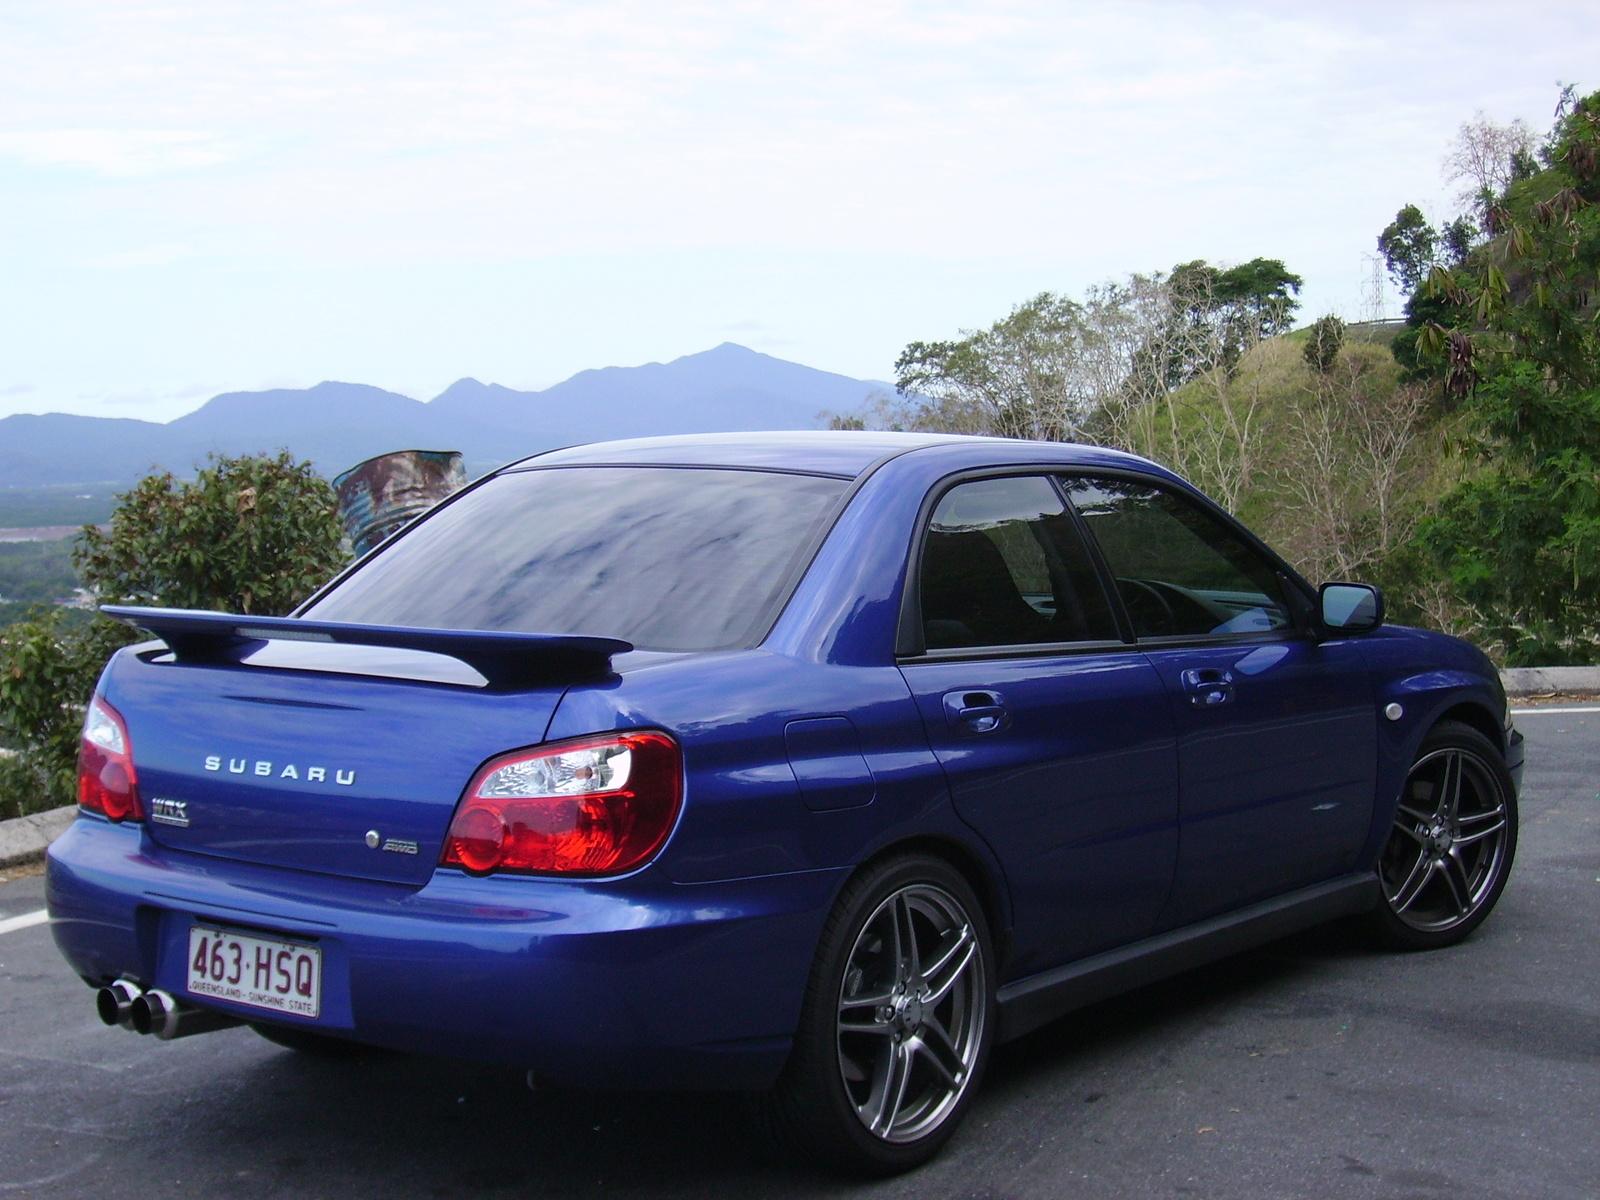 2003 Subaru Impreza Wrx Exterior Pictures Cargurus